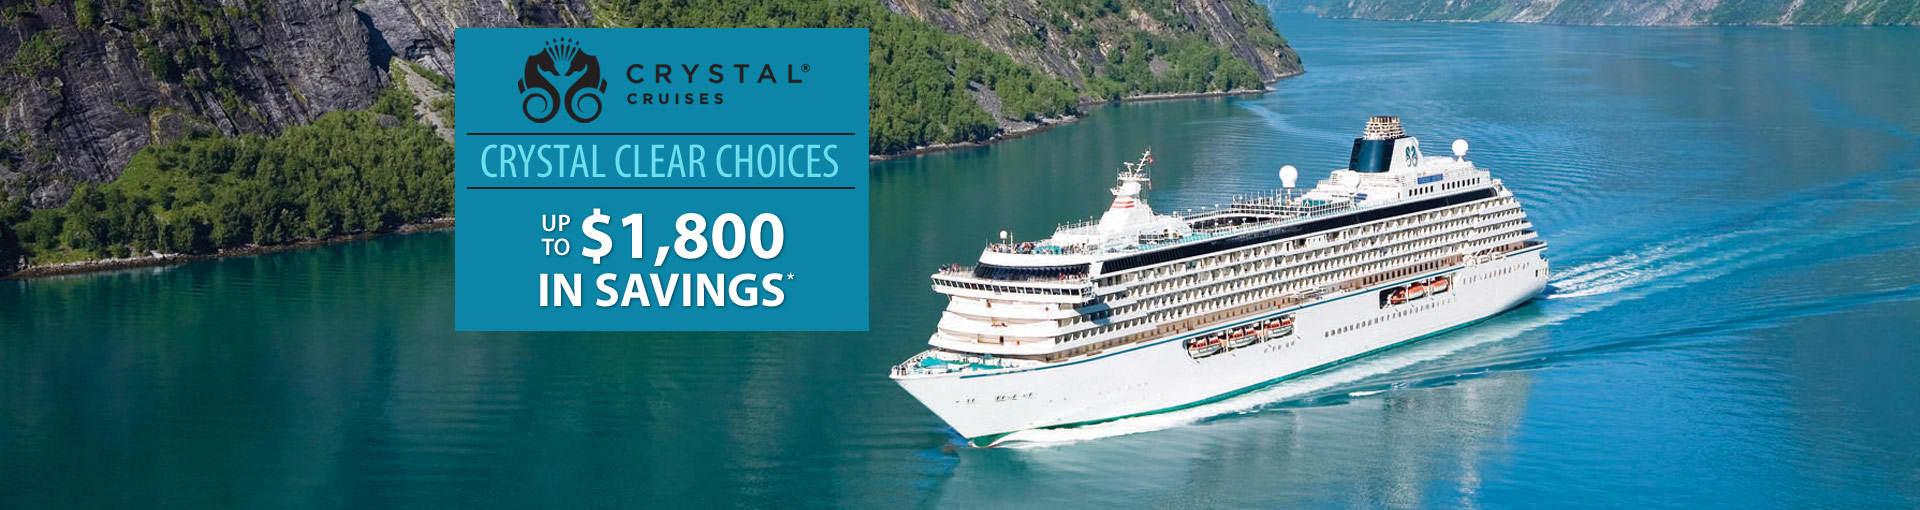 Crystal Cruises: Crystal Clear Choices Sale